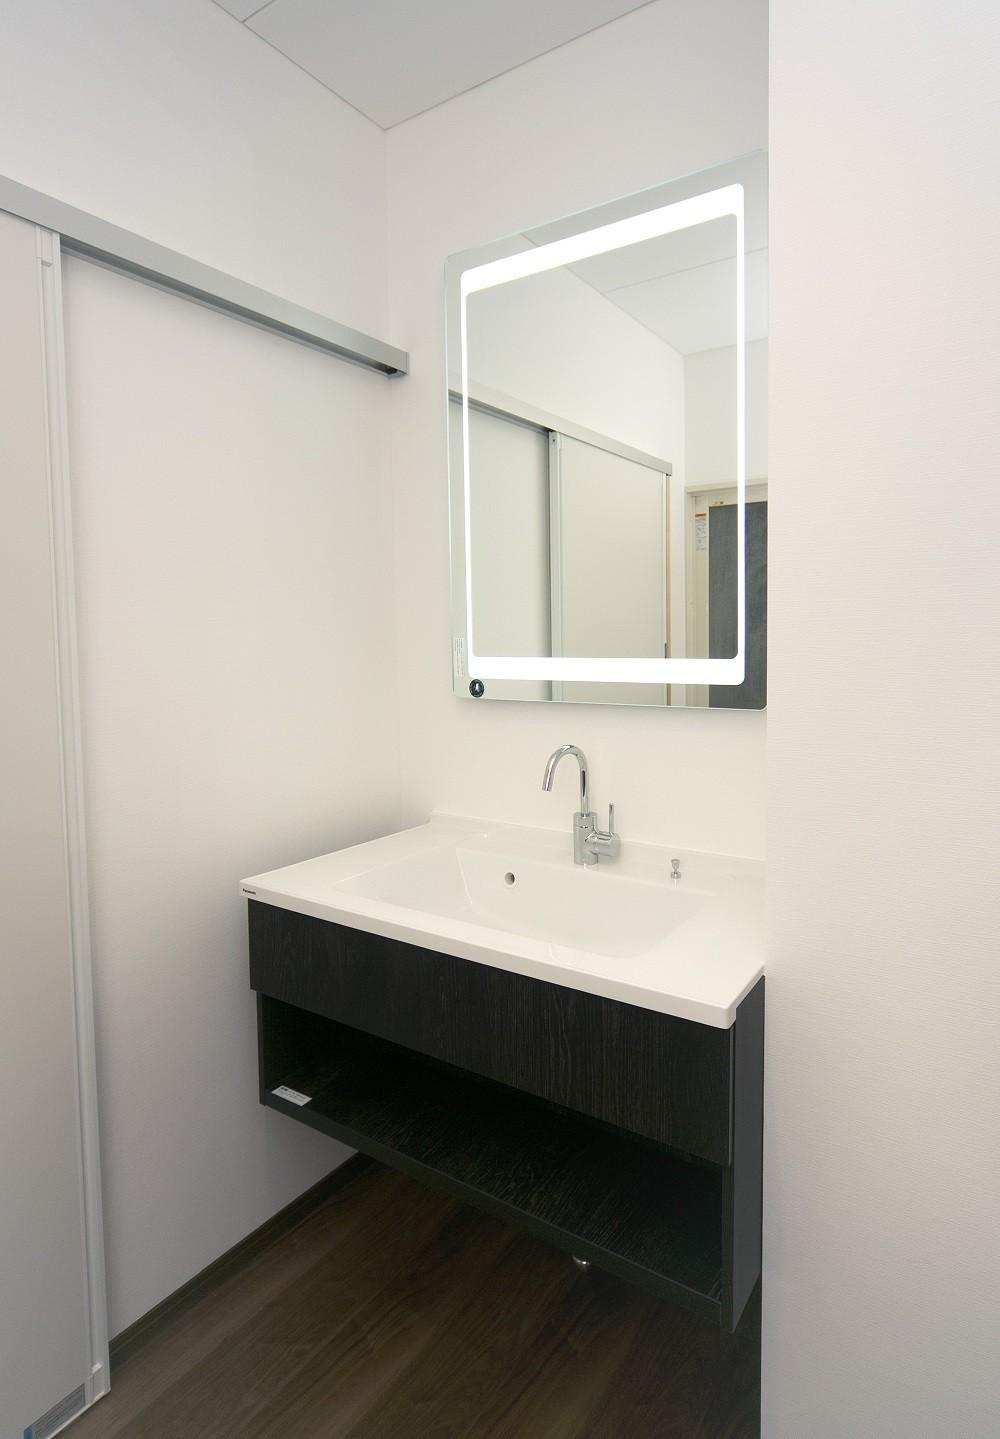 その他事例:洗面化粧台(「バリアフリー」と「心地よさ」をかなえた シニア向けリフォーム:コンクリート住宅のリノベーション)